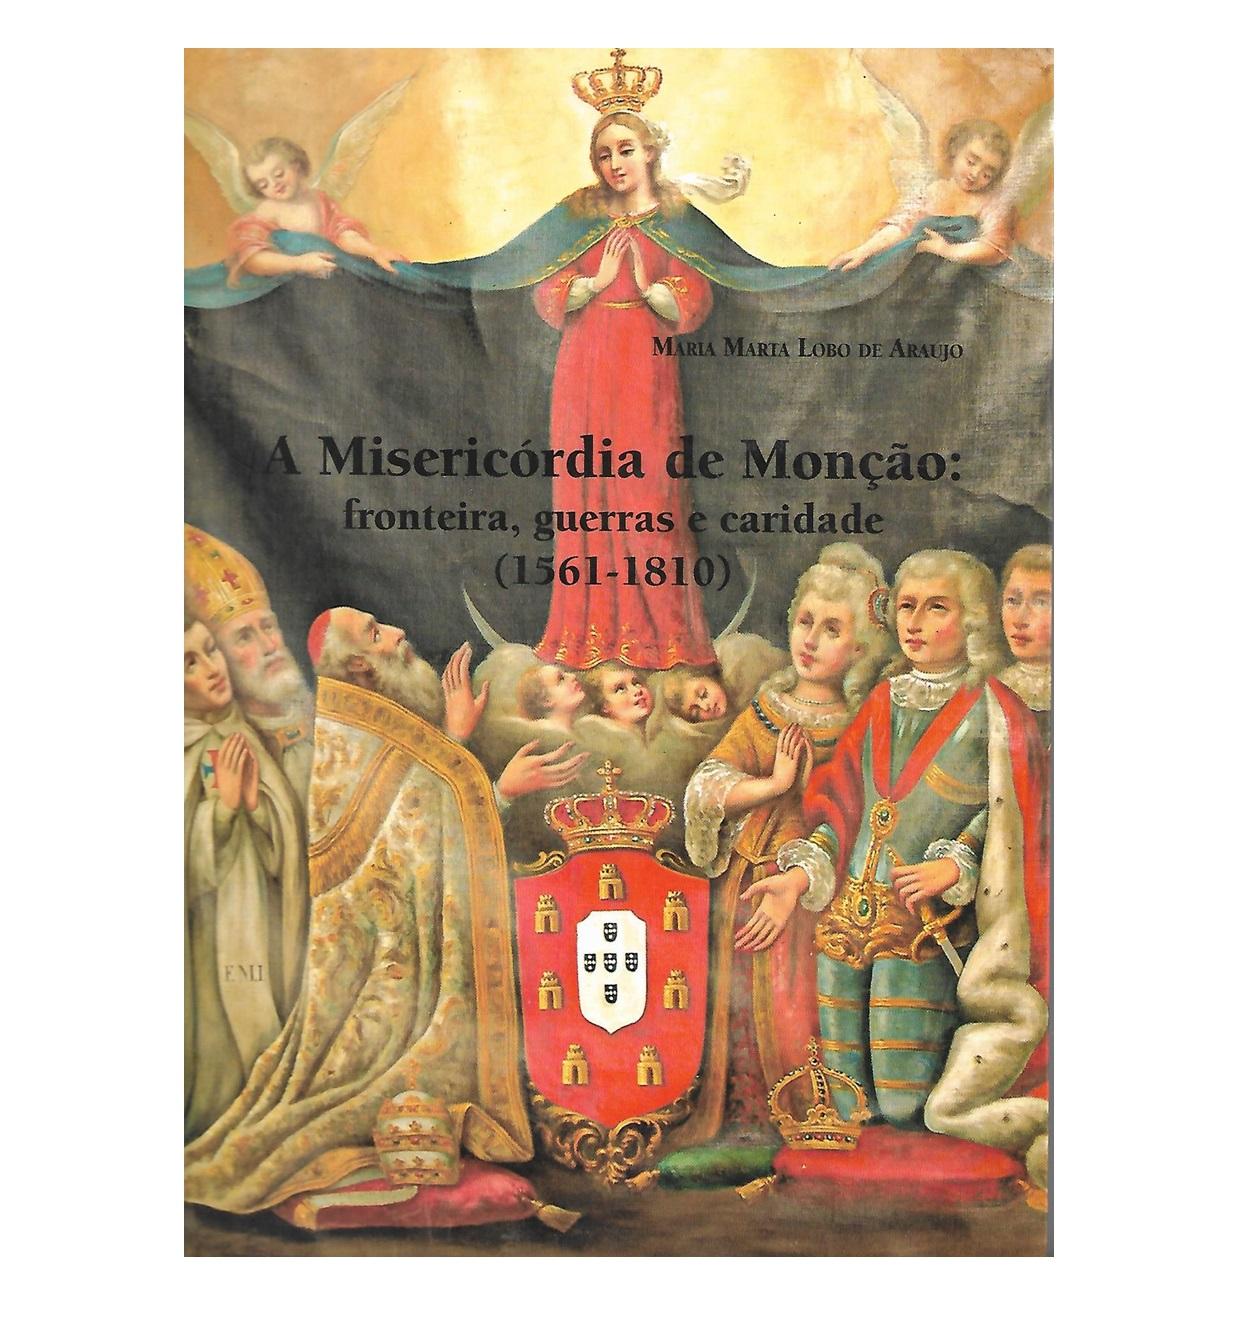 A Misericórdia de  Monção: fronteira, guerras e caridade (1561-1810)